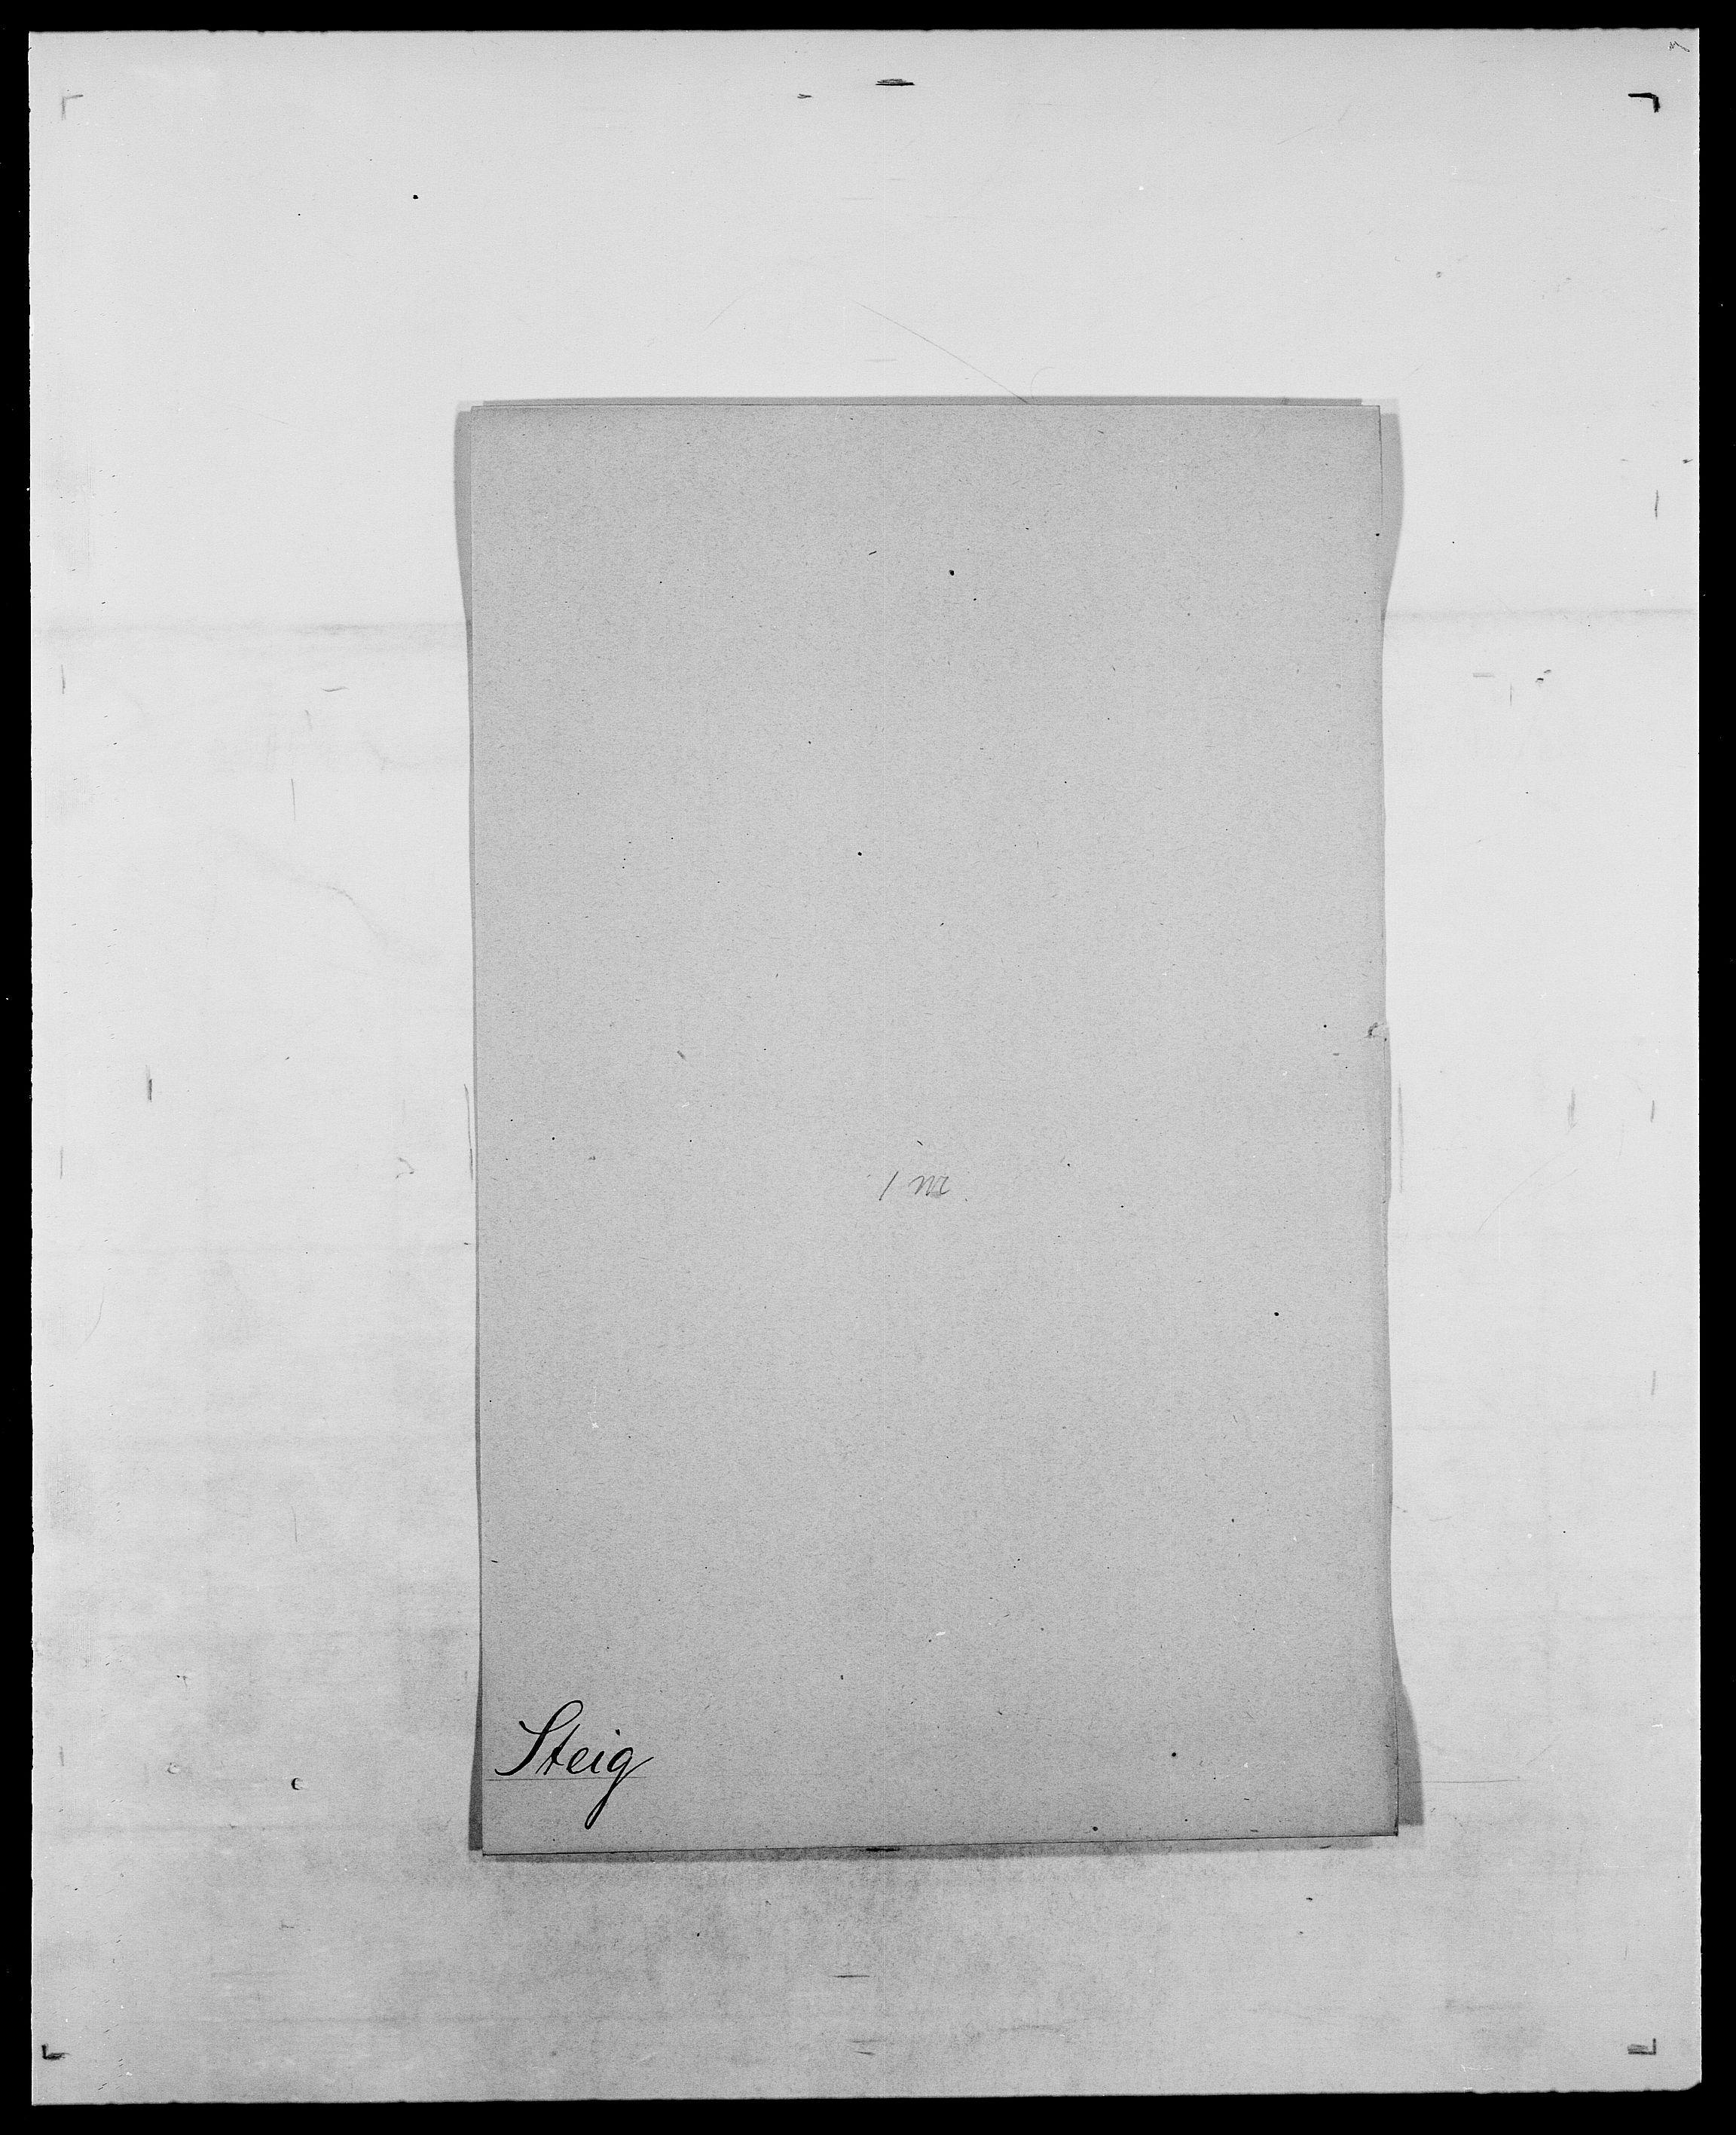 SAO, Delgobe, Charles Antoine - samling, D/Da/L0037: Steen, Sthen, Stein - Svare, Svanige, Svanne, se også Svanning og Schwane, s. 251